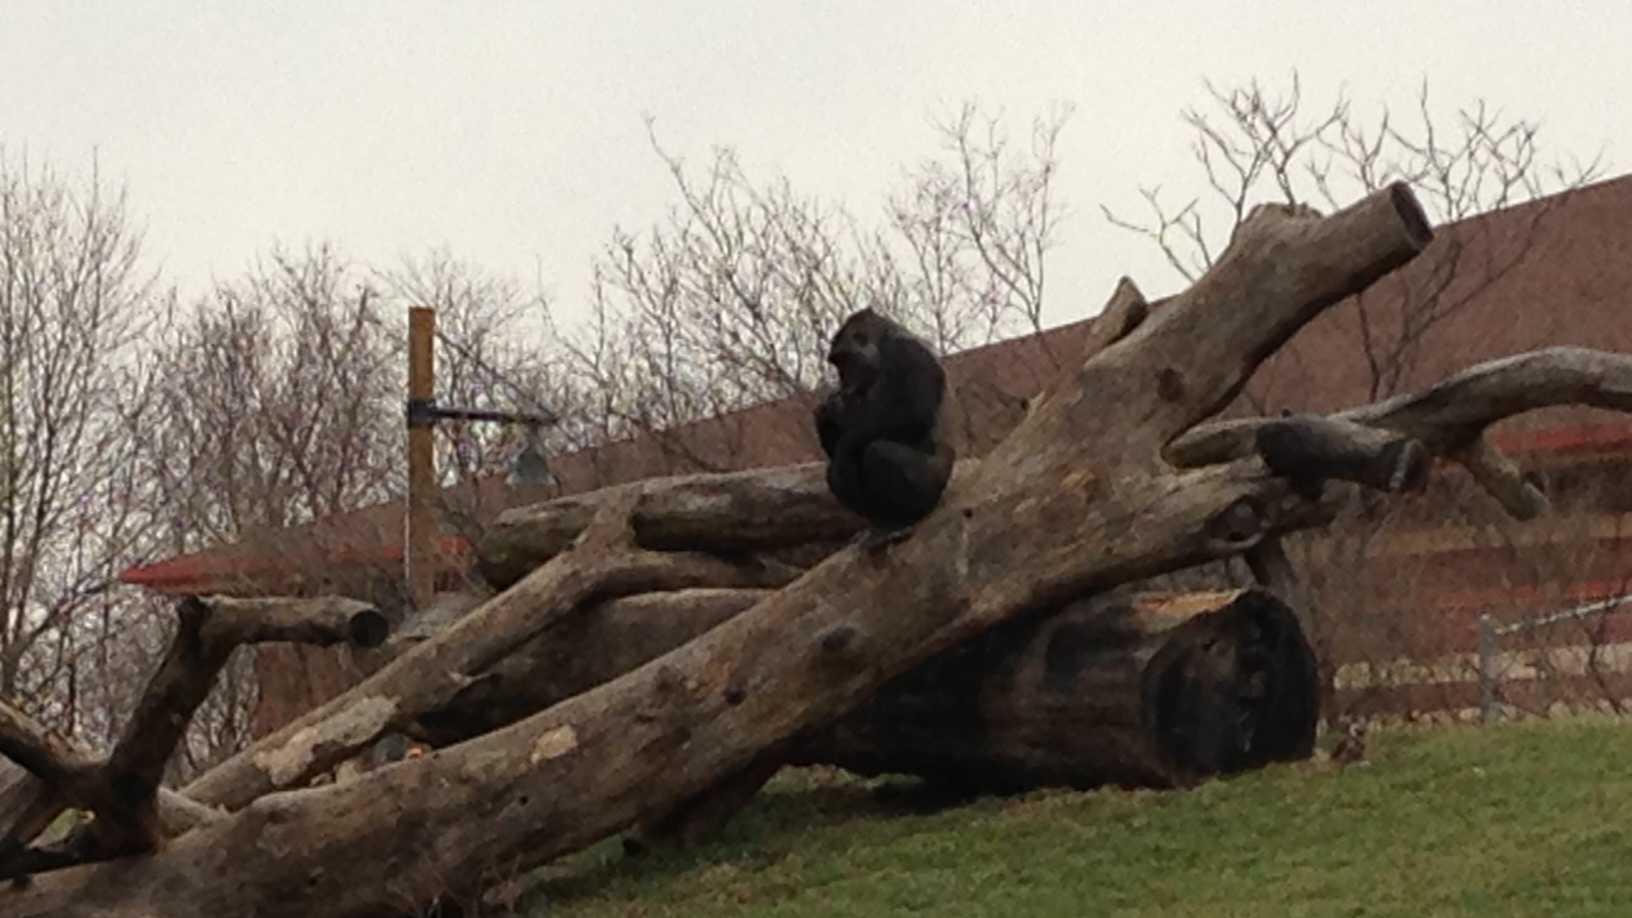 Moka the gorilla